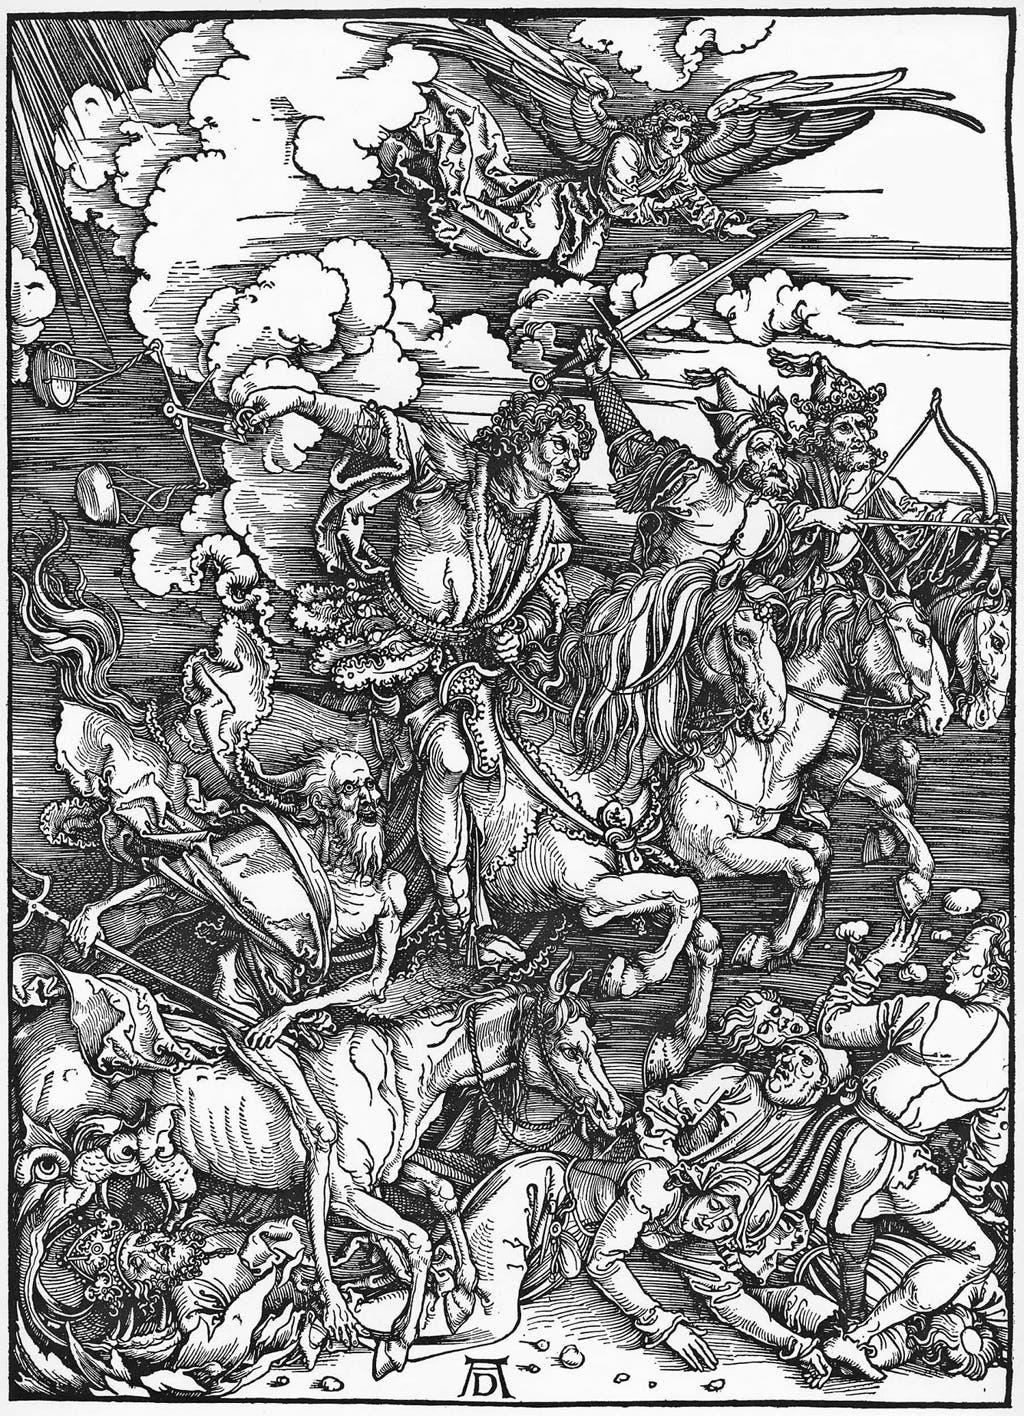 Das Ende naht in Gestalt der vier apokalyptischen Reiter von Dürer (1498).(Bild: Albrecht Dürer)